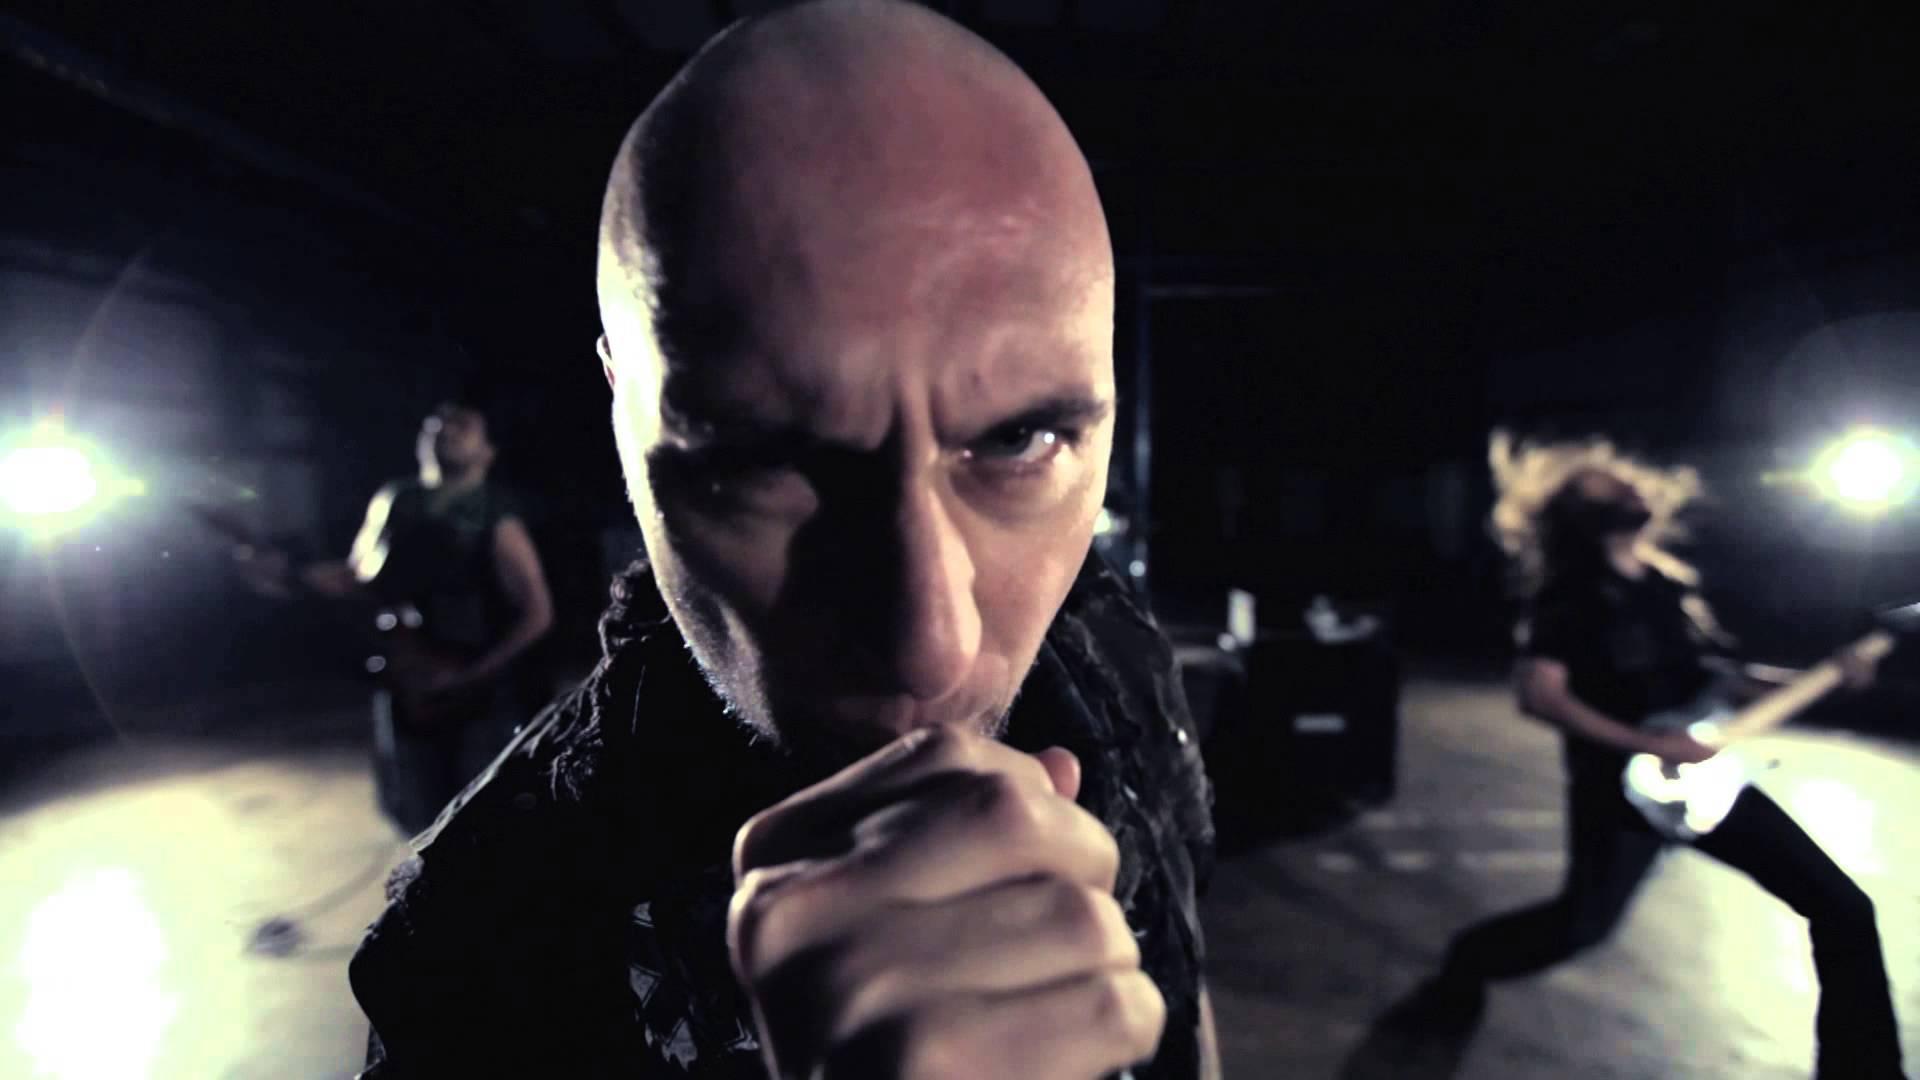 Entrevista a Sven De Caluwe, vocalista de Aborted: 'Los medios de  comunicación están ahí para evitar que la gente piense y razone por sí  misma'   Science of Noise - Rock Magazine